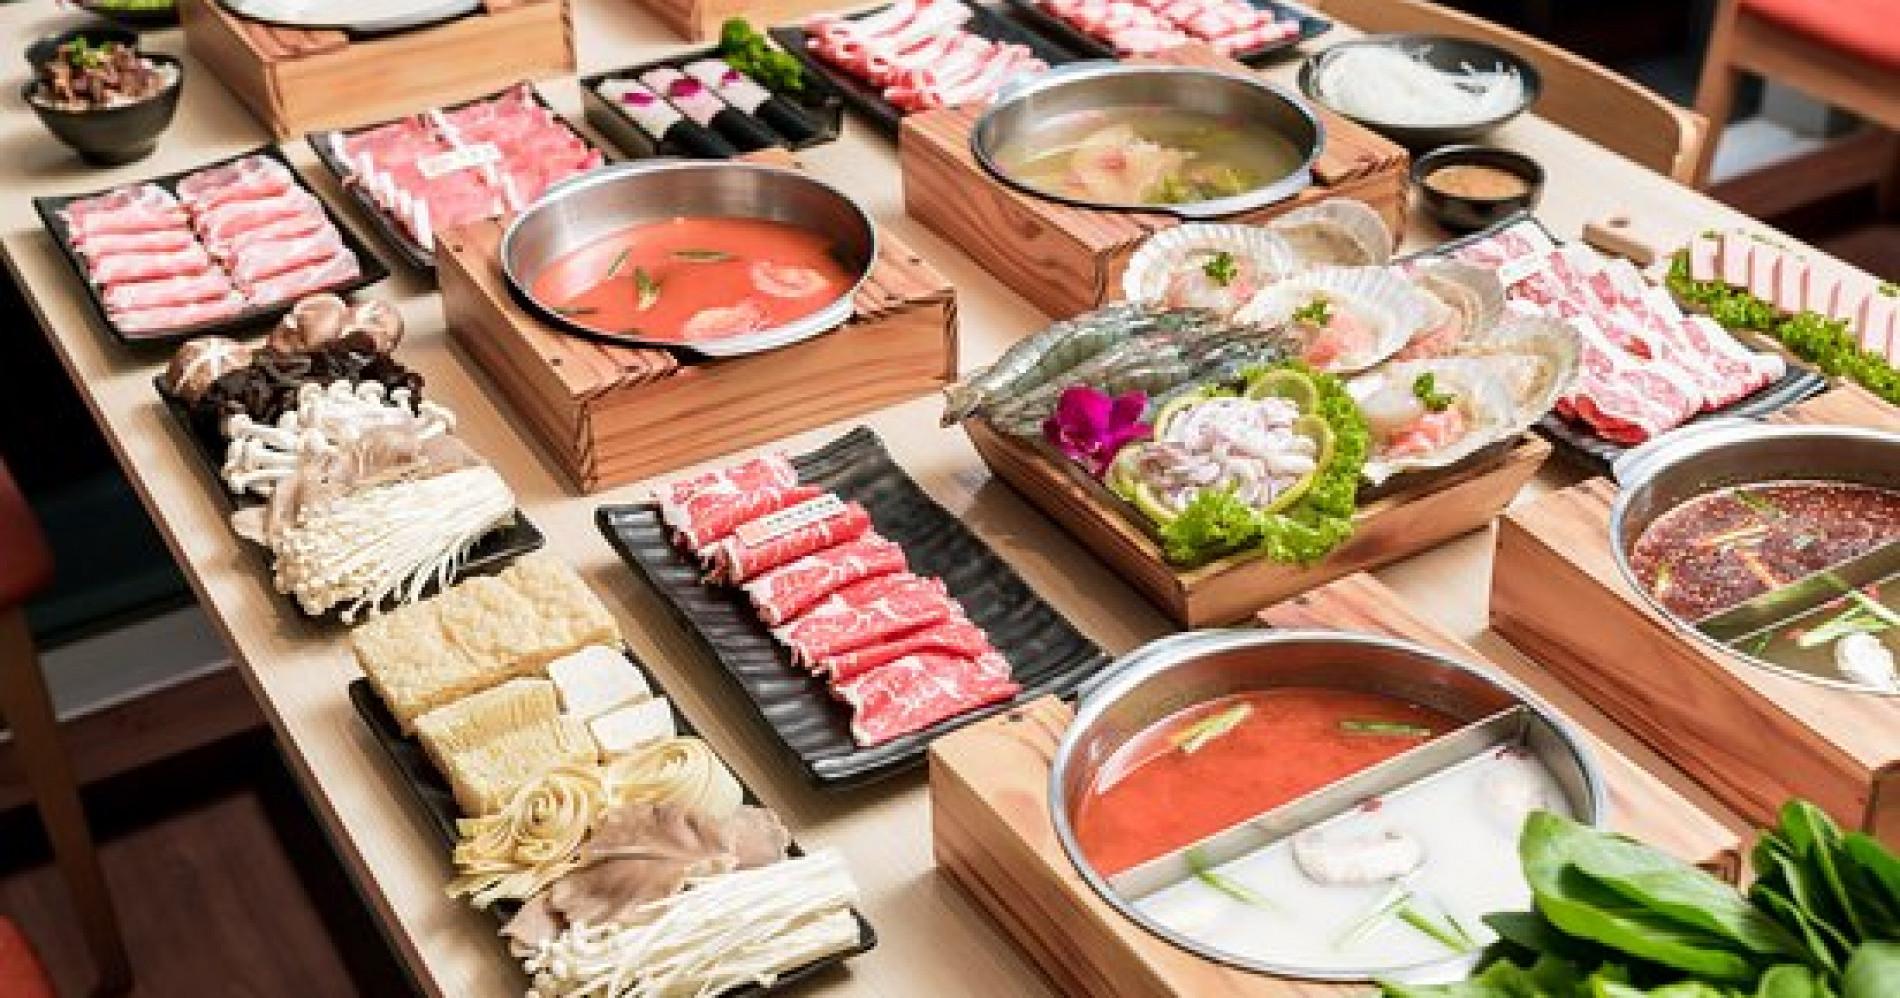 Restoran All You Can Eat (Sumber gambar: trip advisor.com)